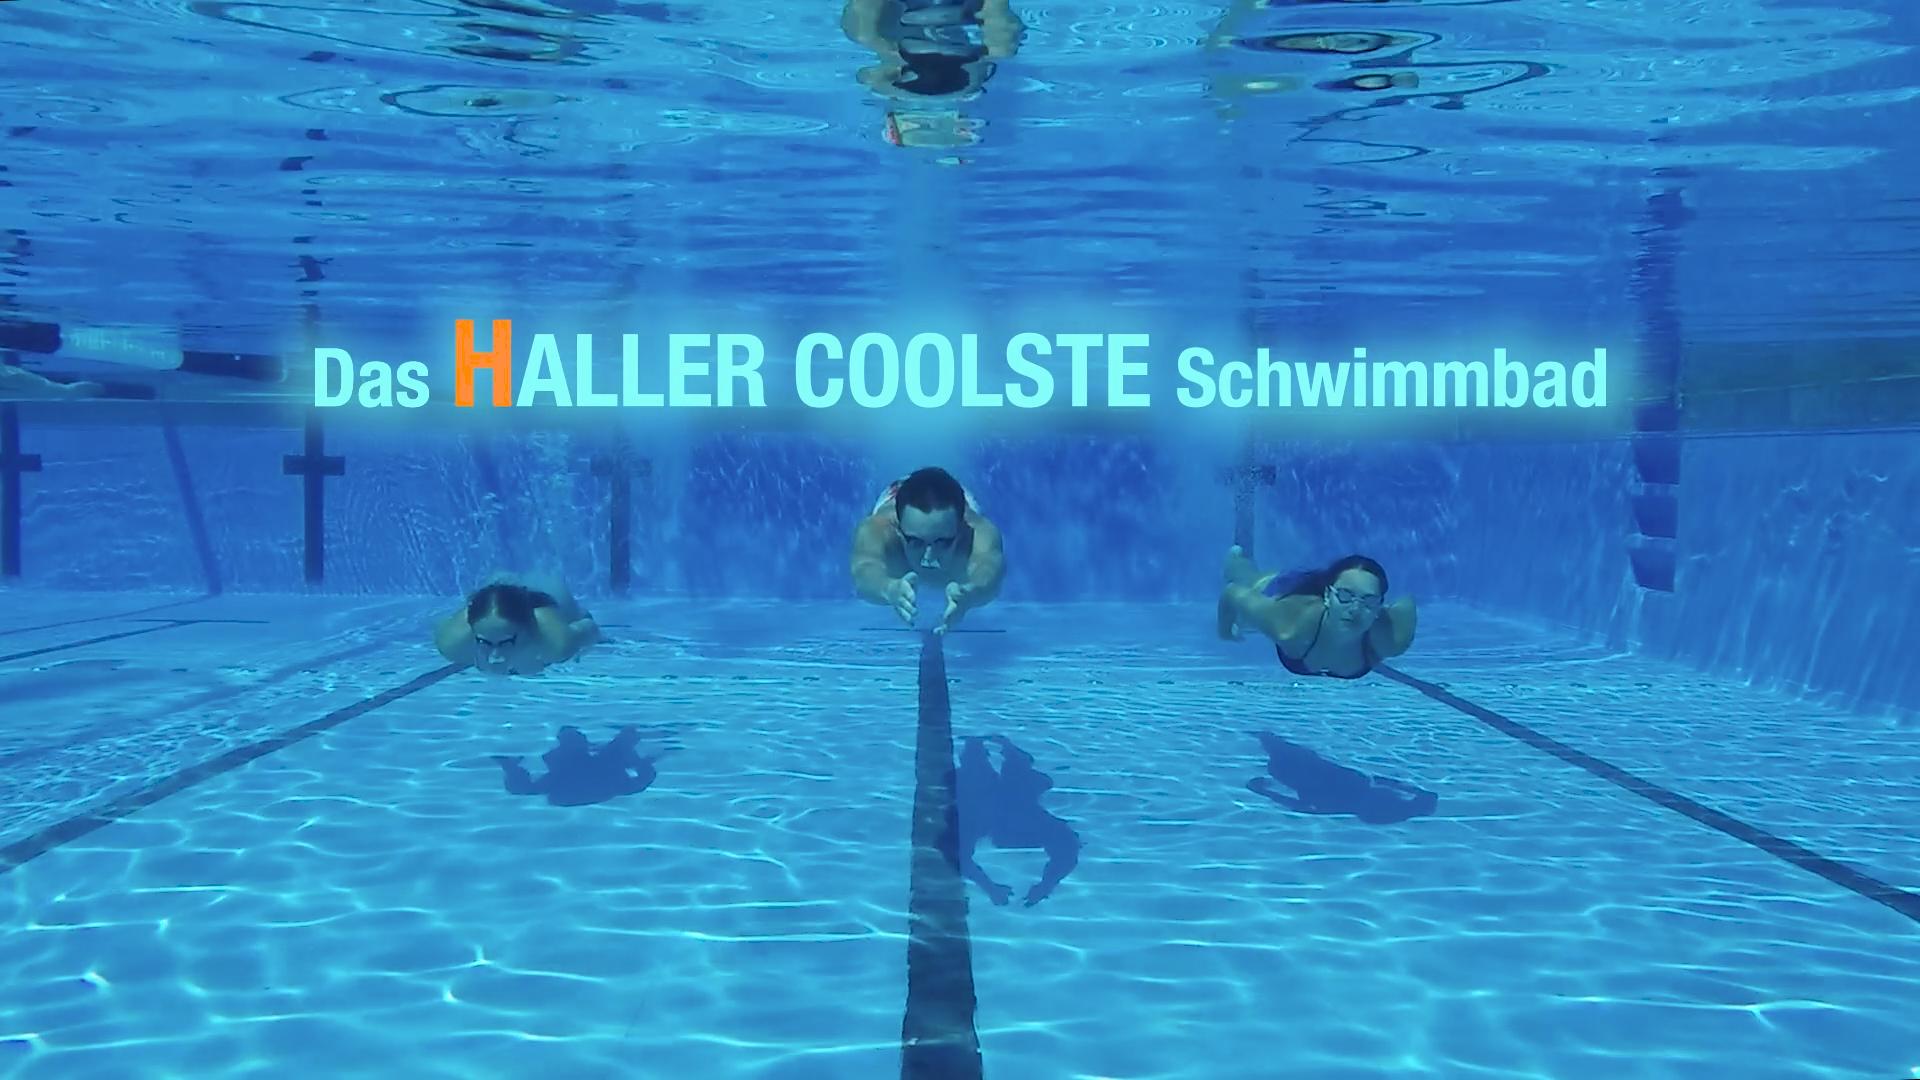 Das HALLER COOLSTE Schwimmbad